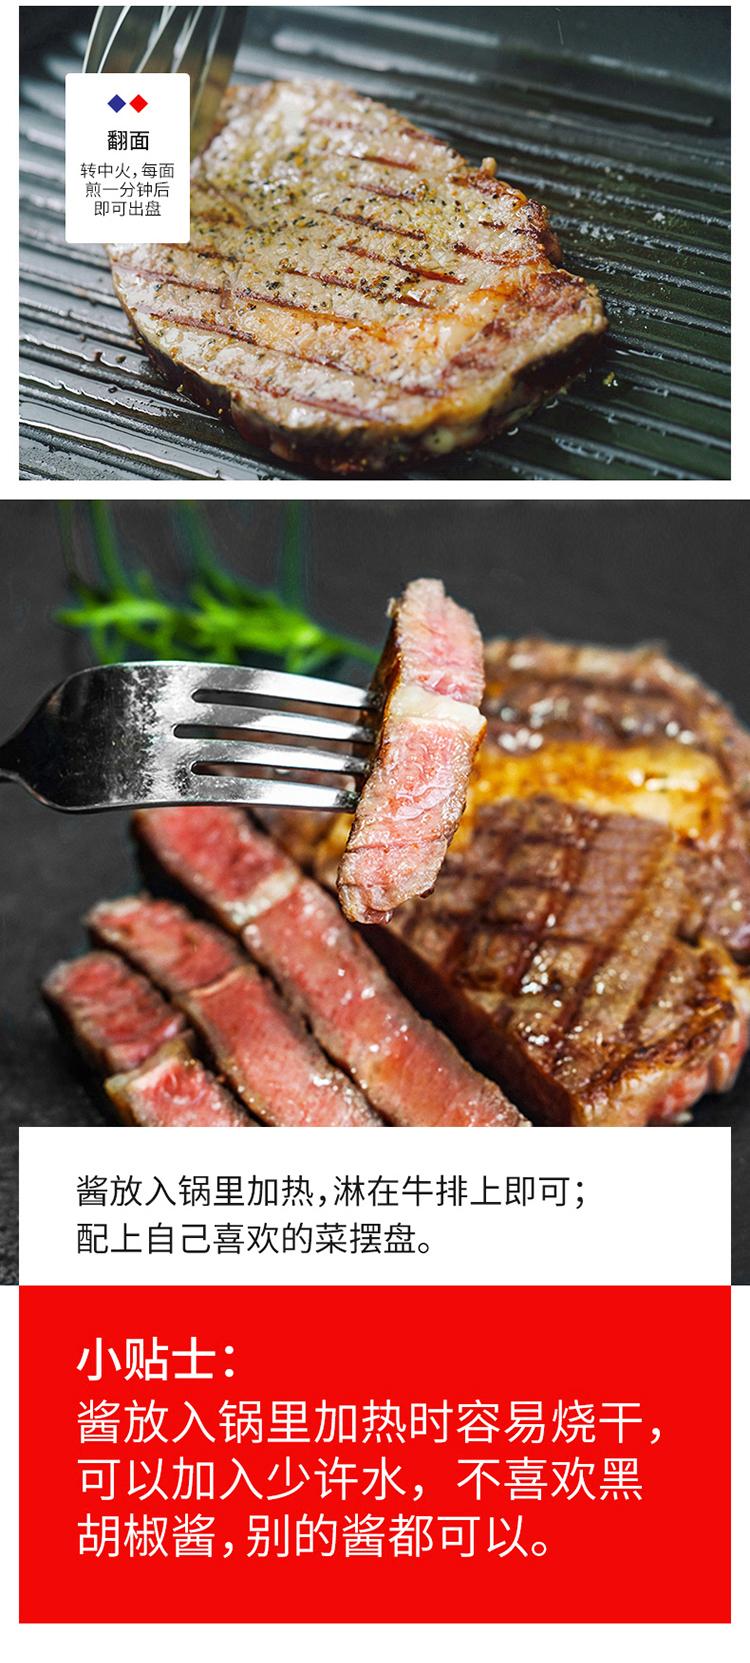 大希地 进口原肉整切牛排130g*10片 图9